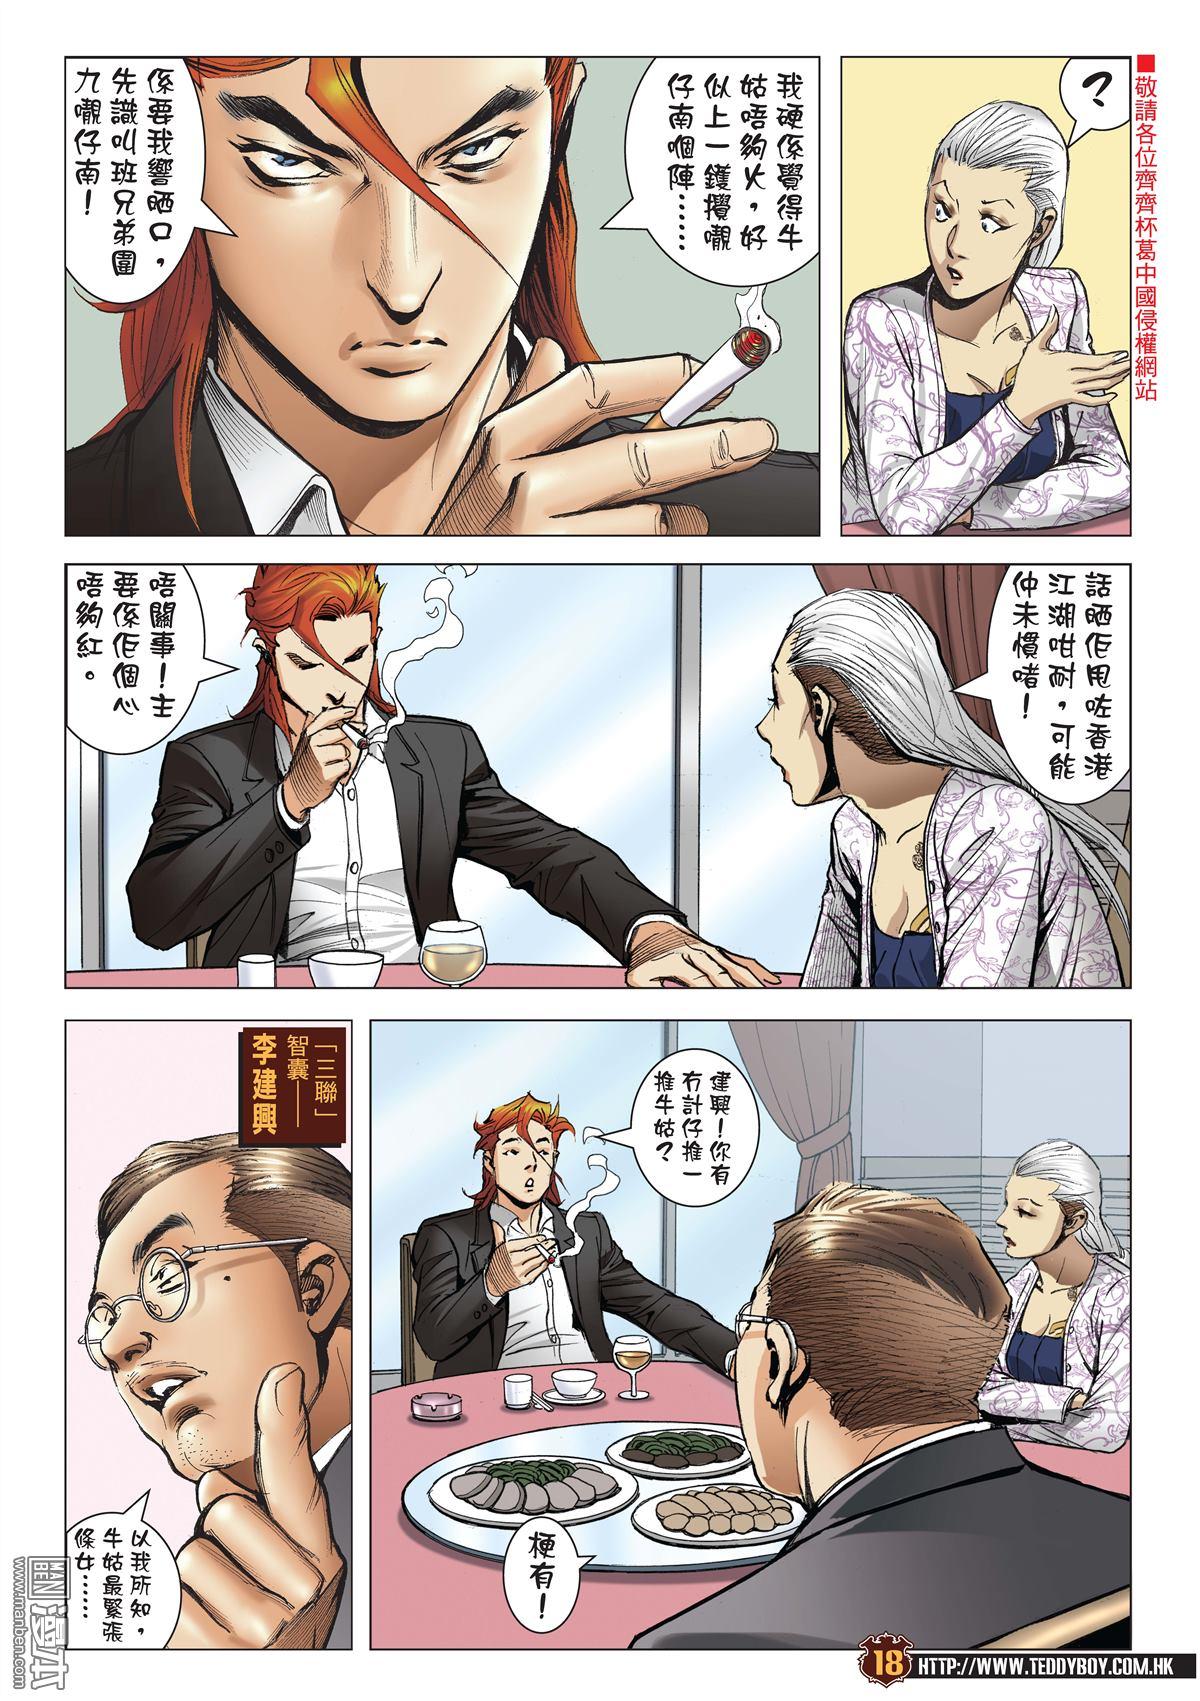 古惑仔漫畫古惑仔第2095回:斷正(第17頁)劇情-二次元動漫